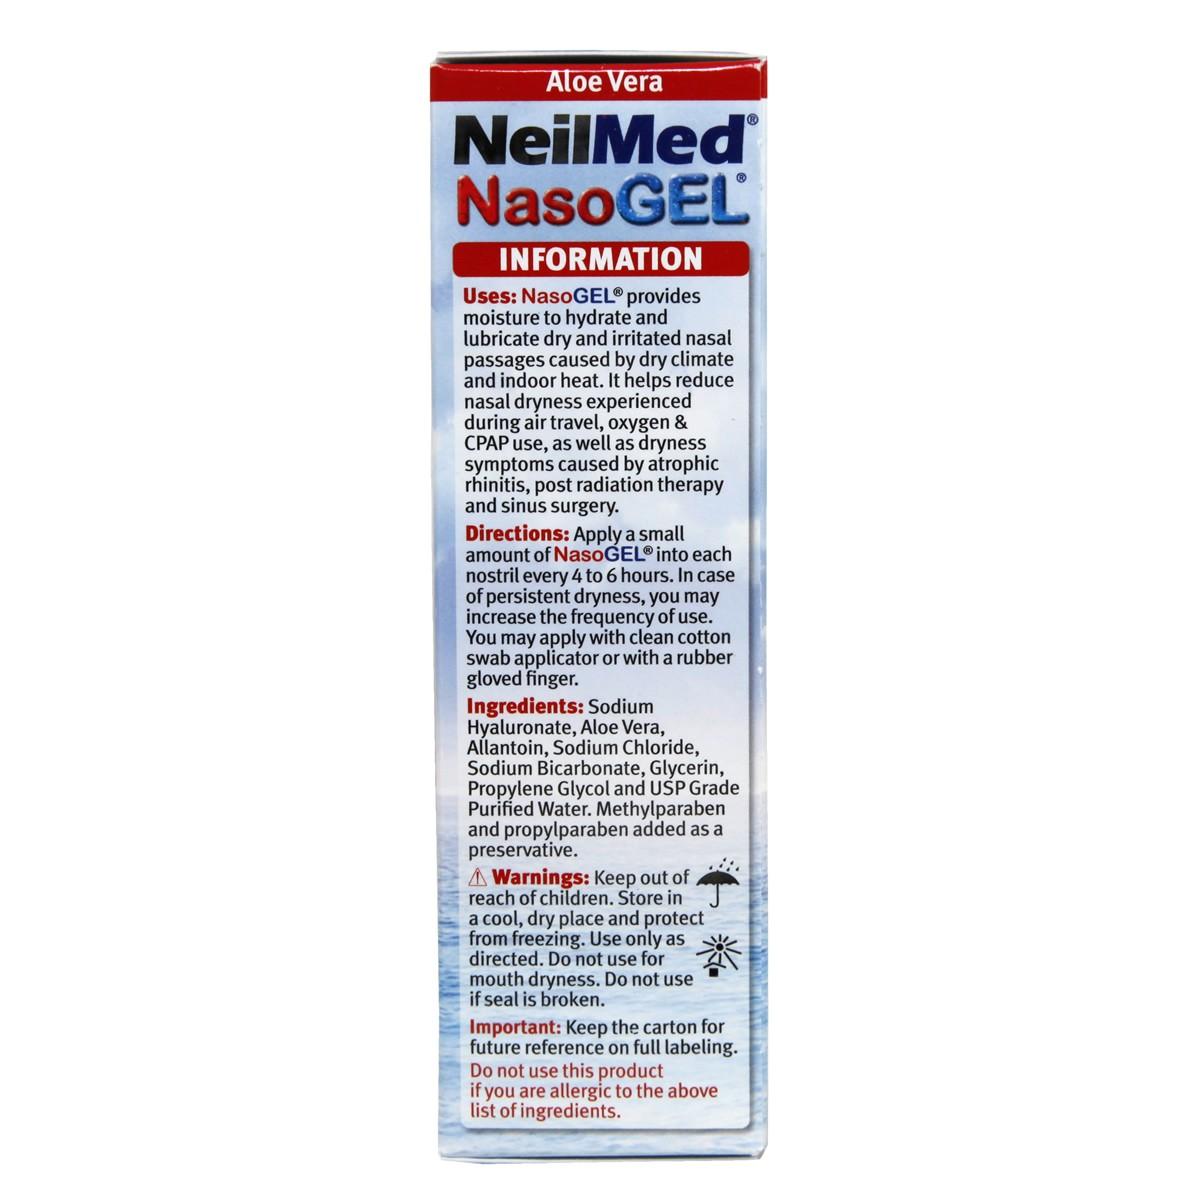 NeilMed NasoGel for Dry Noses